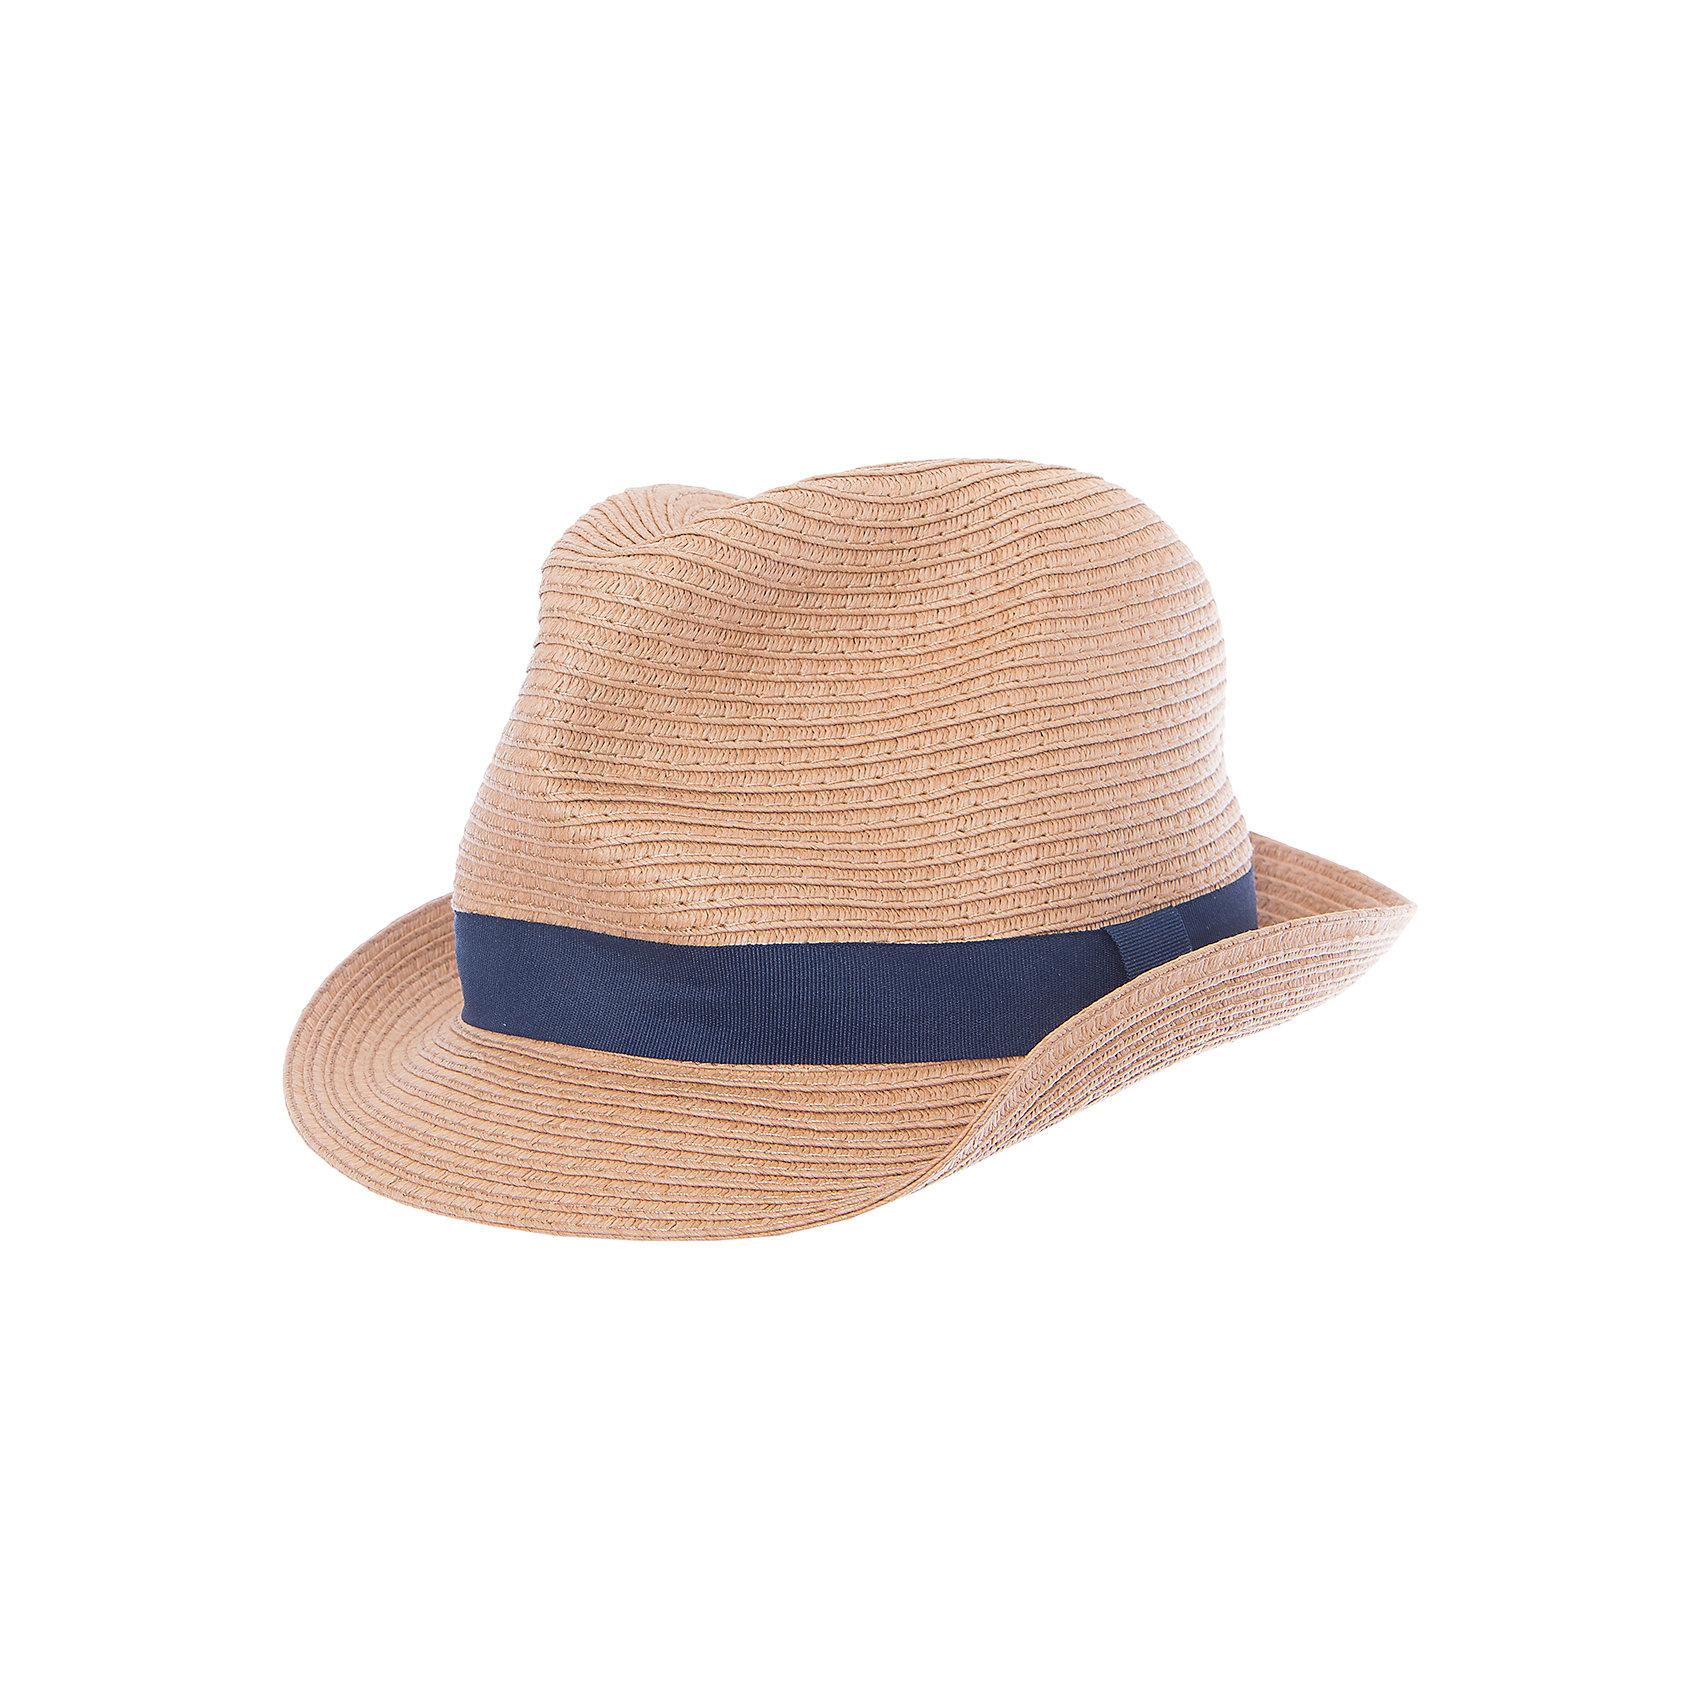 Панама для мальчика ScoolГоловные уборы<br>Панама для мальчика Scool<br>Стильная шляпа из натуральной соломки защитит Вашего ребенка в жаркую погоду. Материал не раздражает кожу ребенка. Комфортна при носке.<br>Состав:<br>100% бумажная соломка<br><br>Ширина мм: 89<br>Глубина мм: 117<br>Высота мм: 44<br>Вес г: 155<br>Цвет: светло-коричневый<br>Возраст от месяцев: 60<br>Возраст до месяцев: 6<br>Пол: Мужской<br>Возраст: Детский<br>Размер: 56,54<br>SKU: 5406788